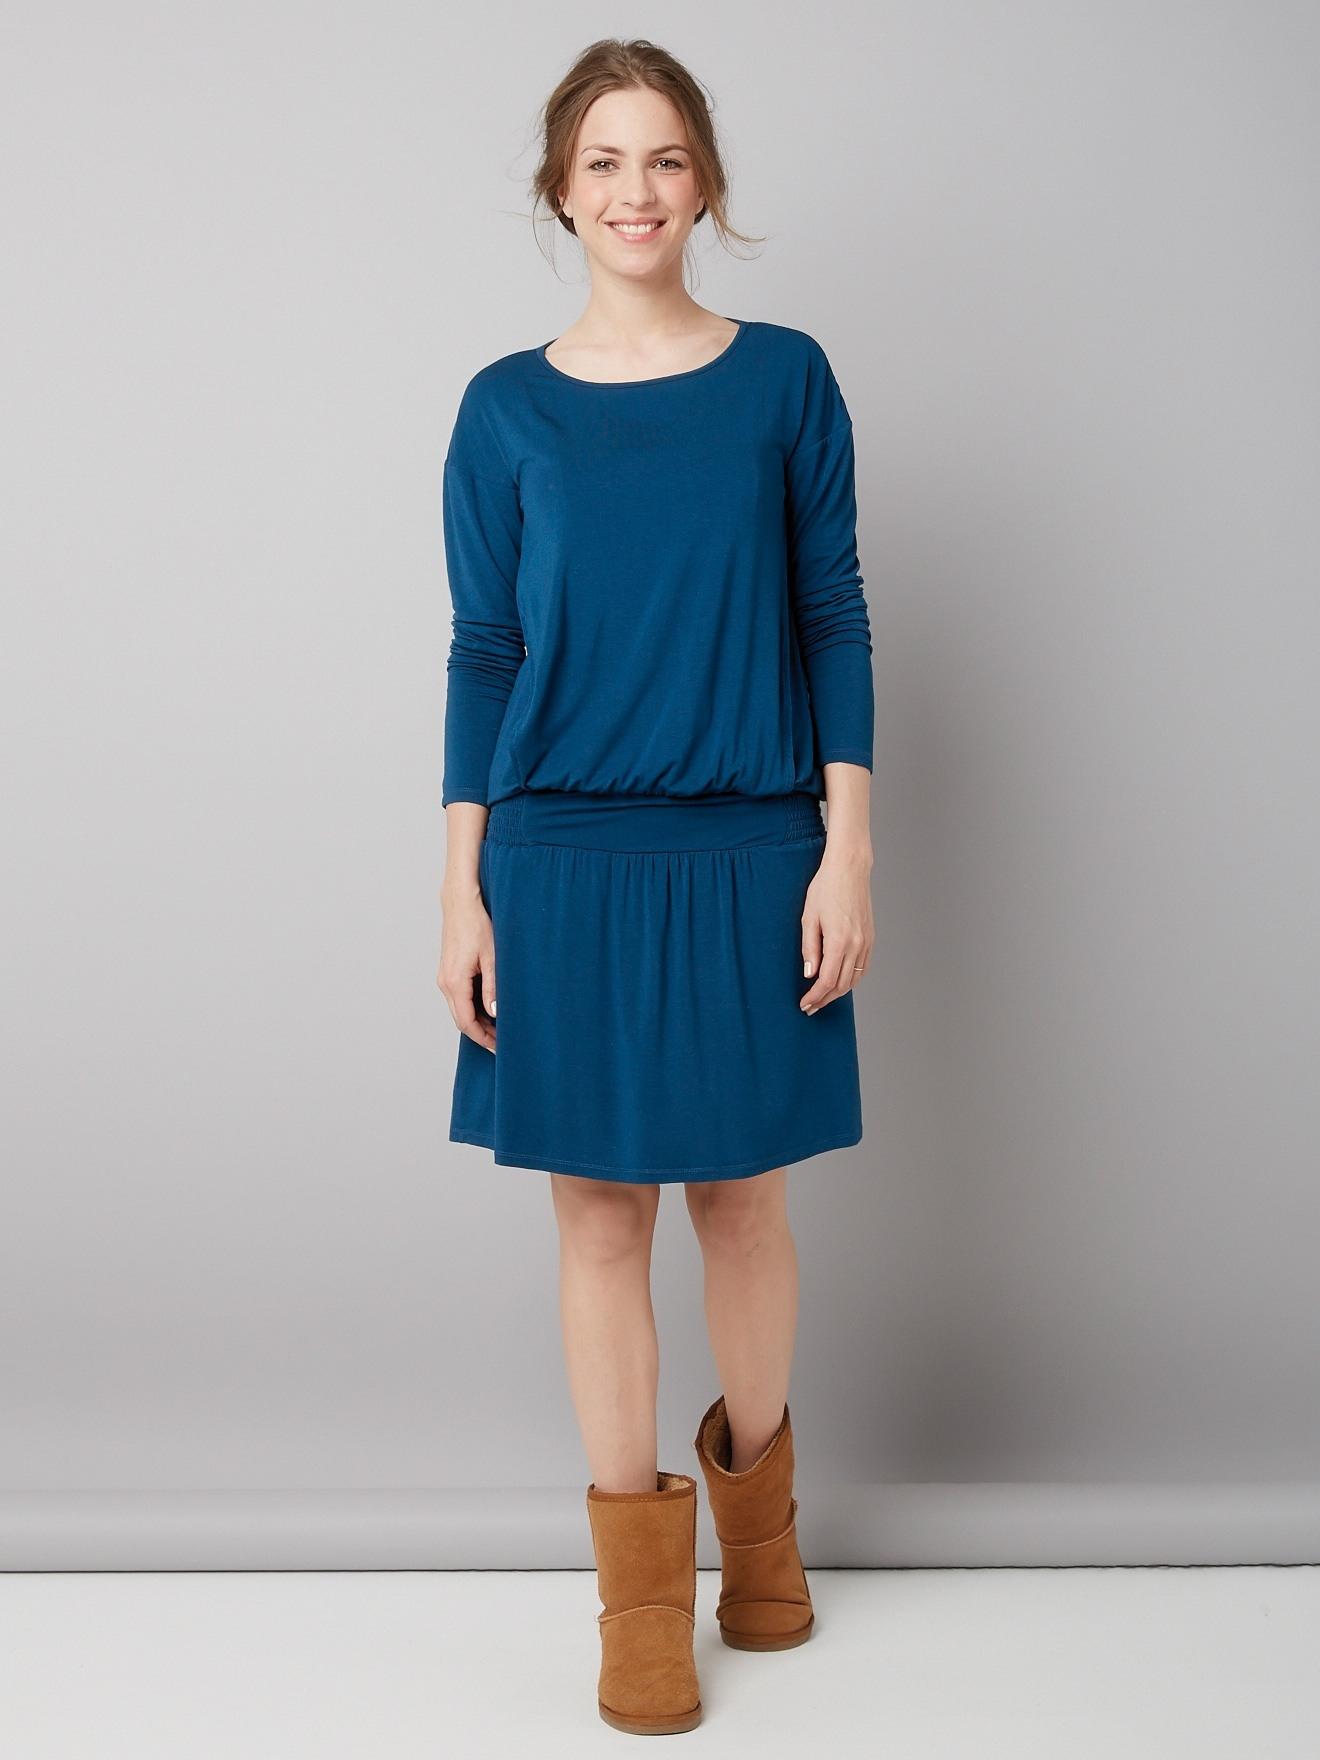 10 Kreativ Kleider Größe 42 Stylish10 Elegant Kleider Größe 42 für 2019